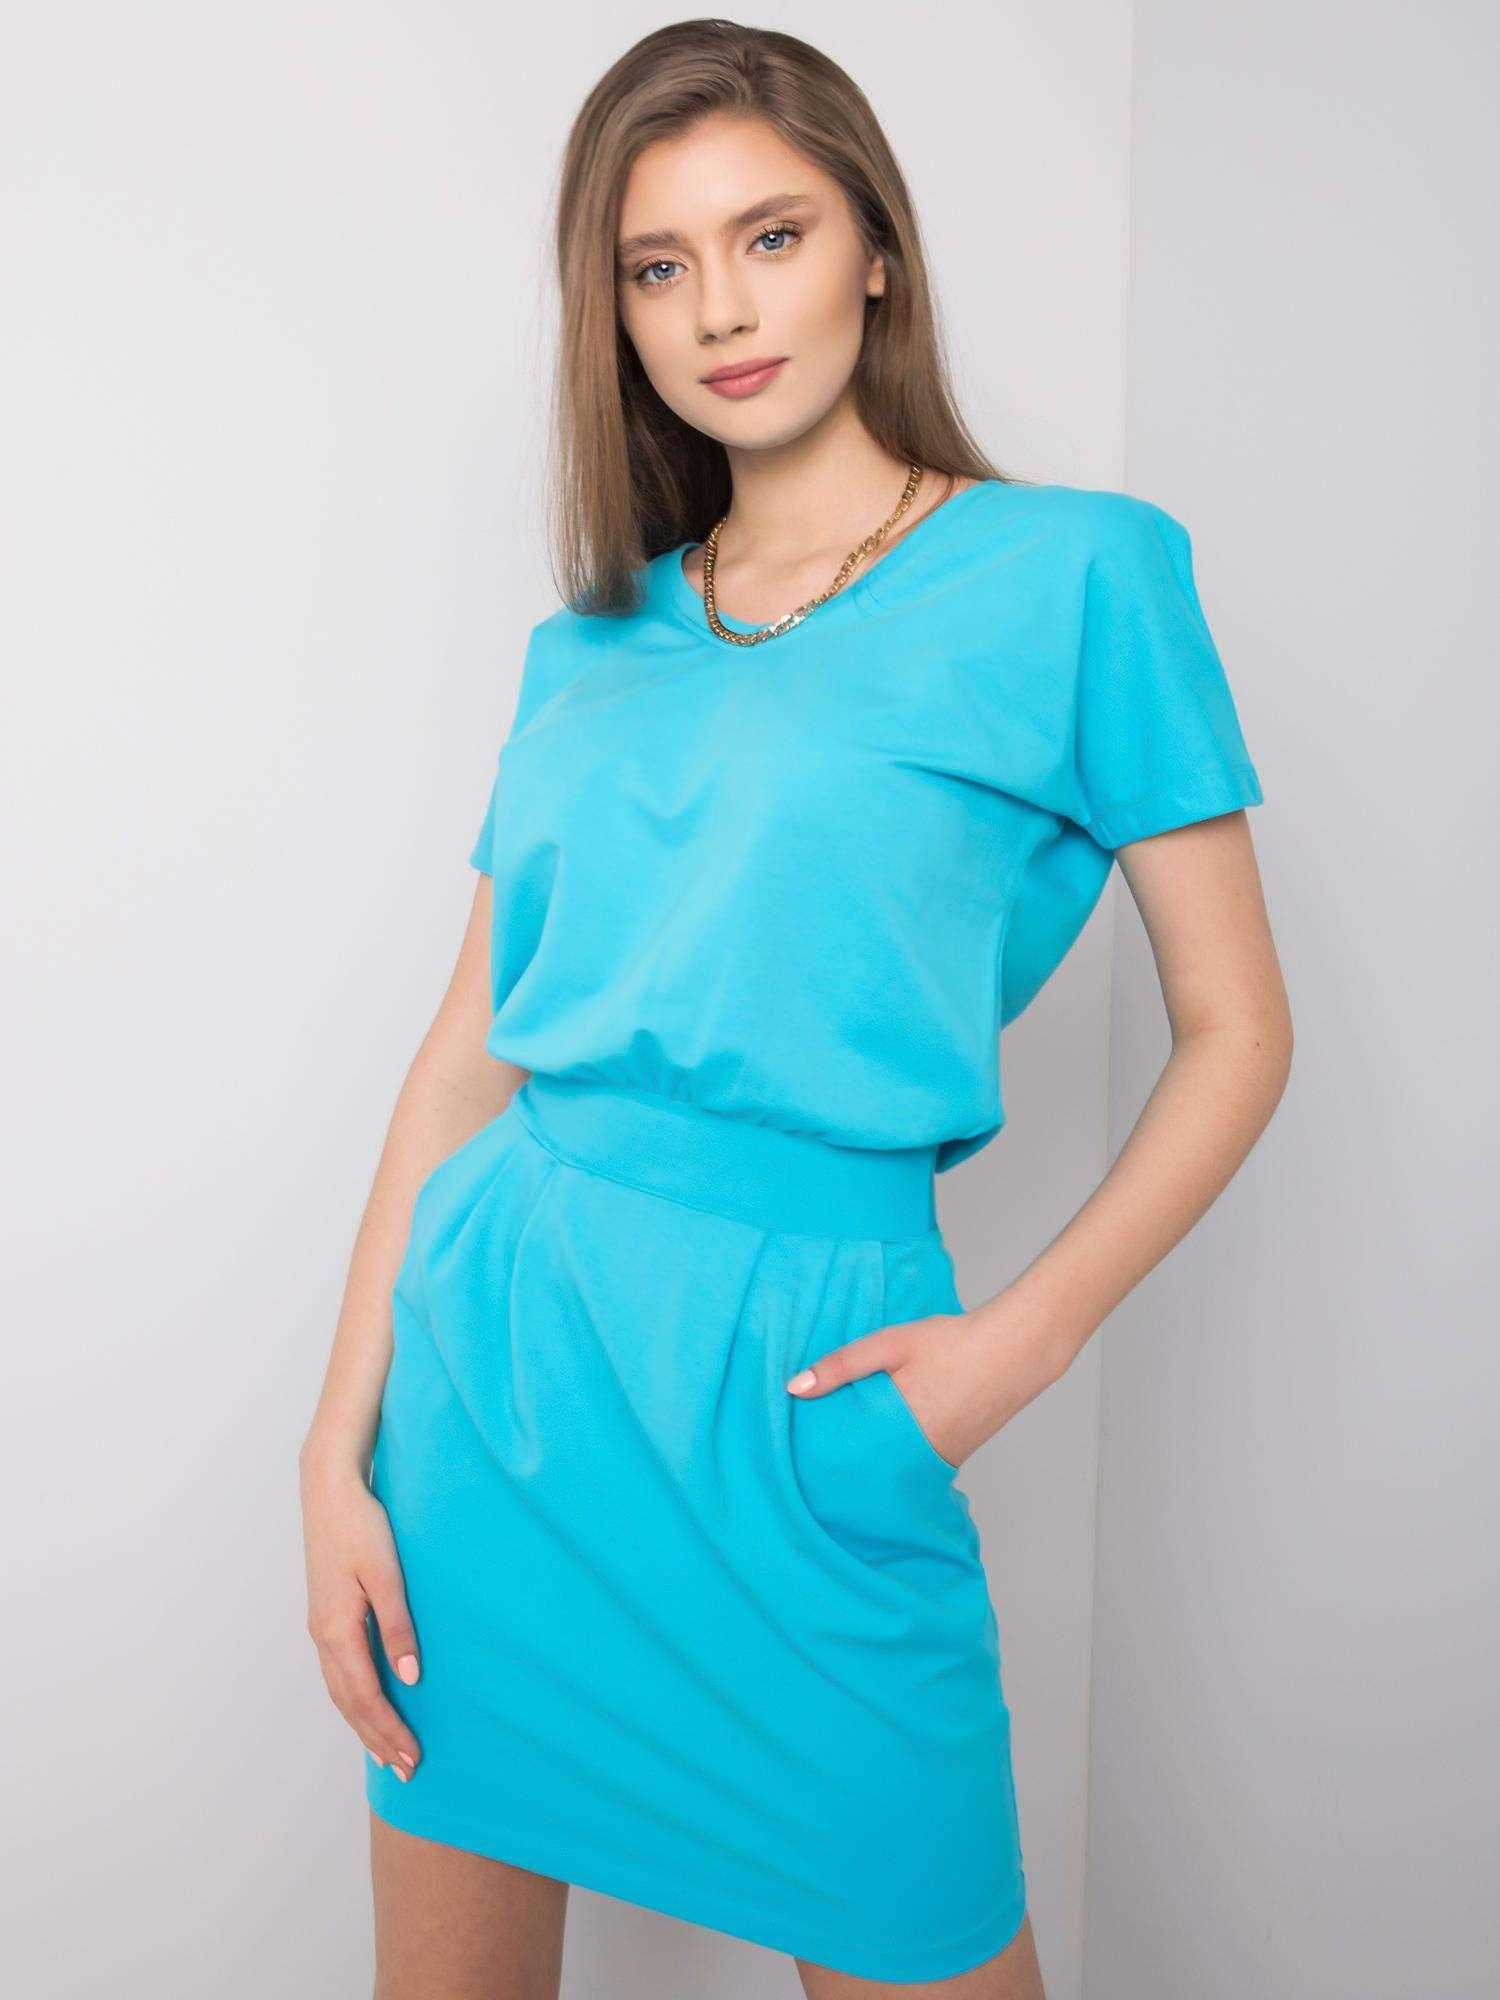 Dámske modré šaty s opaskom - M